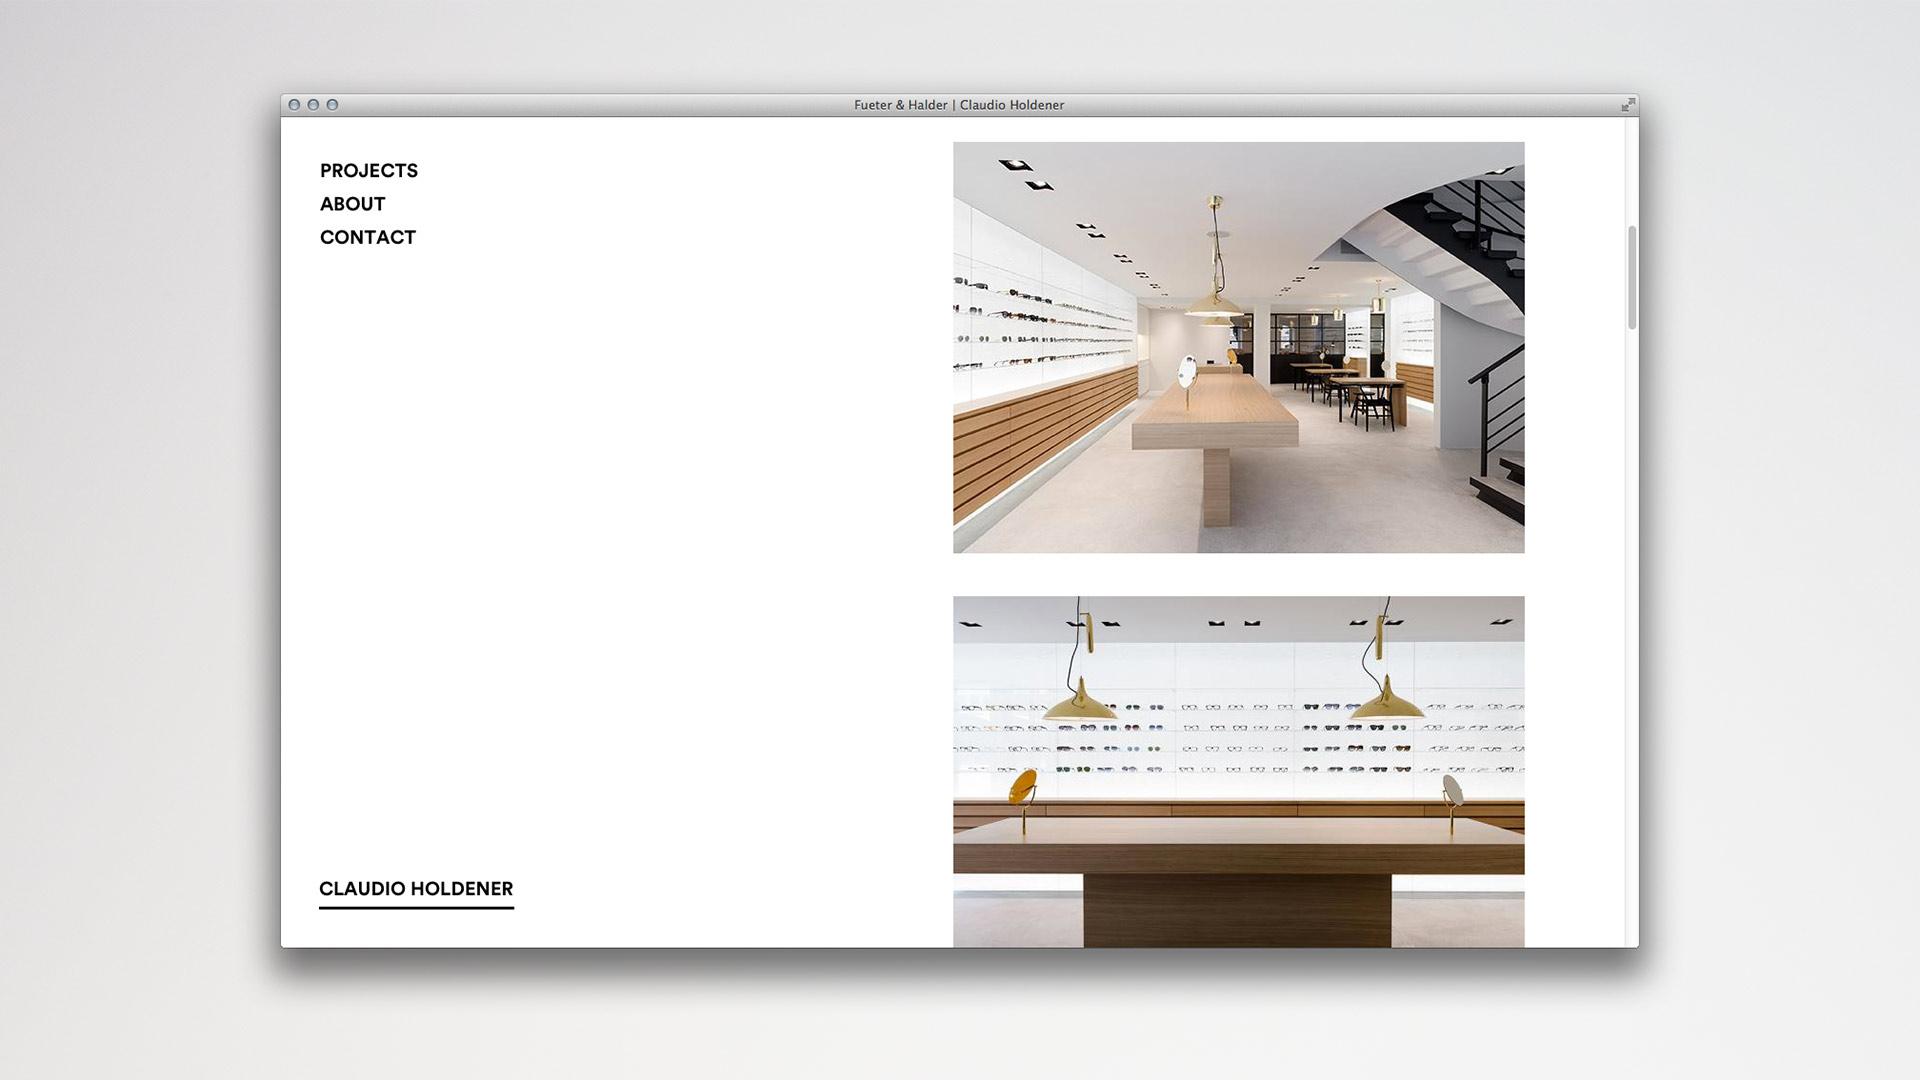 l'équipe [visuelle] Claudio Holdener Architektur Web Design